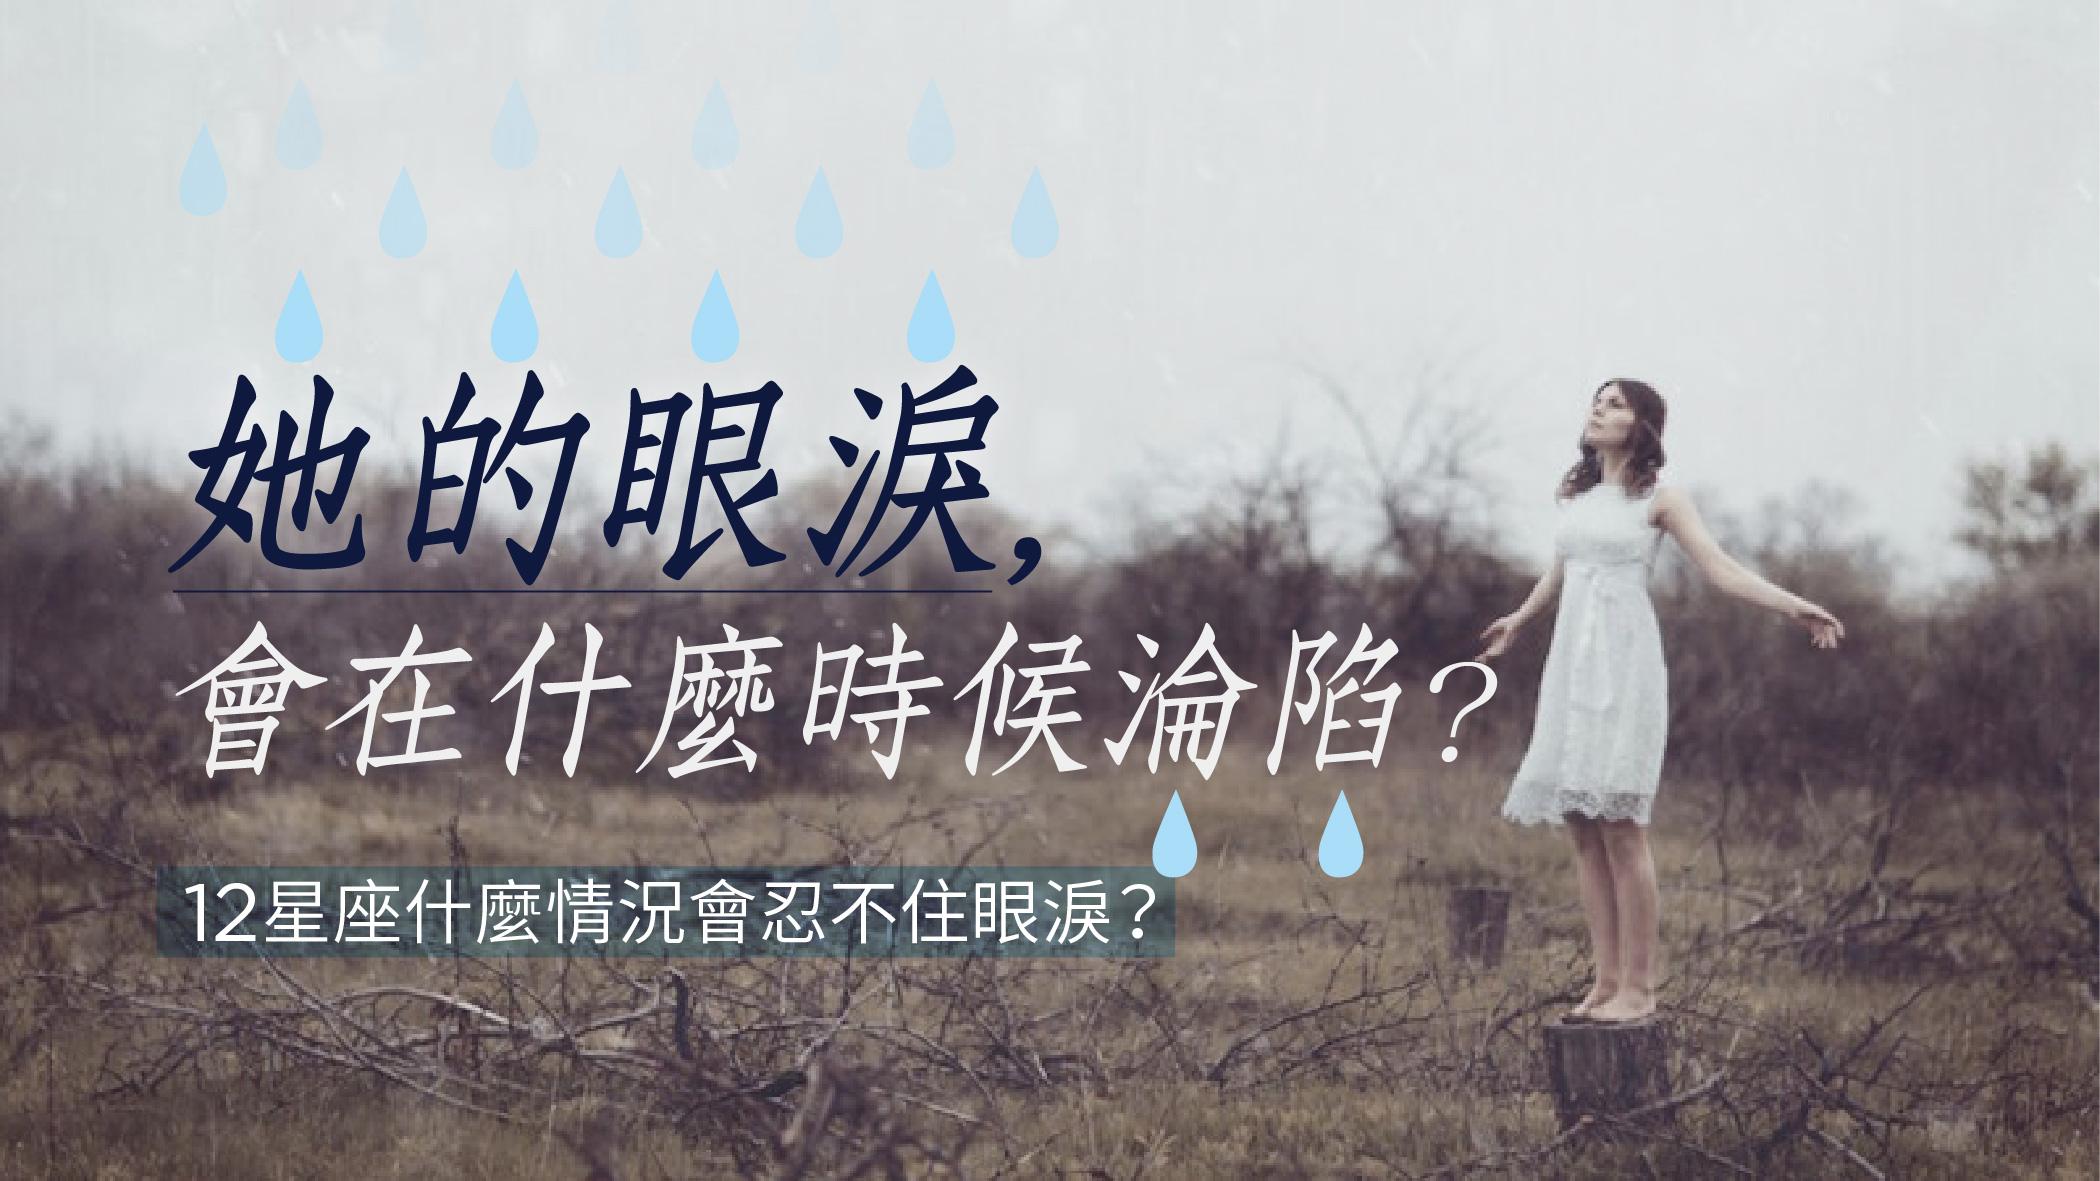 『她的眼淚,會在什麼時候淪陷?』12星座什麼情況會忍不住眼淚?